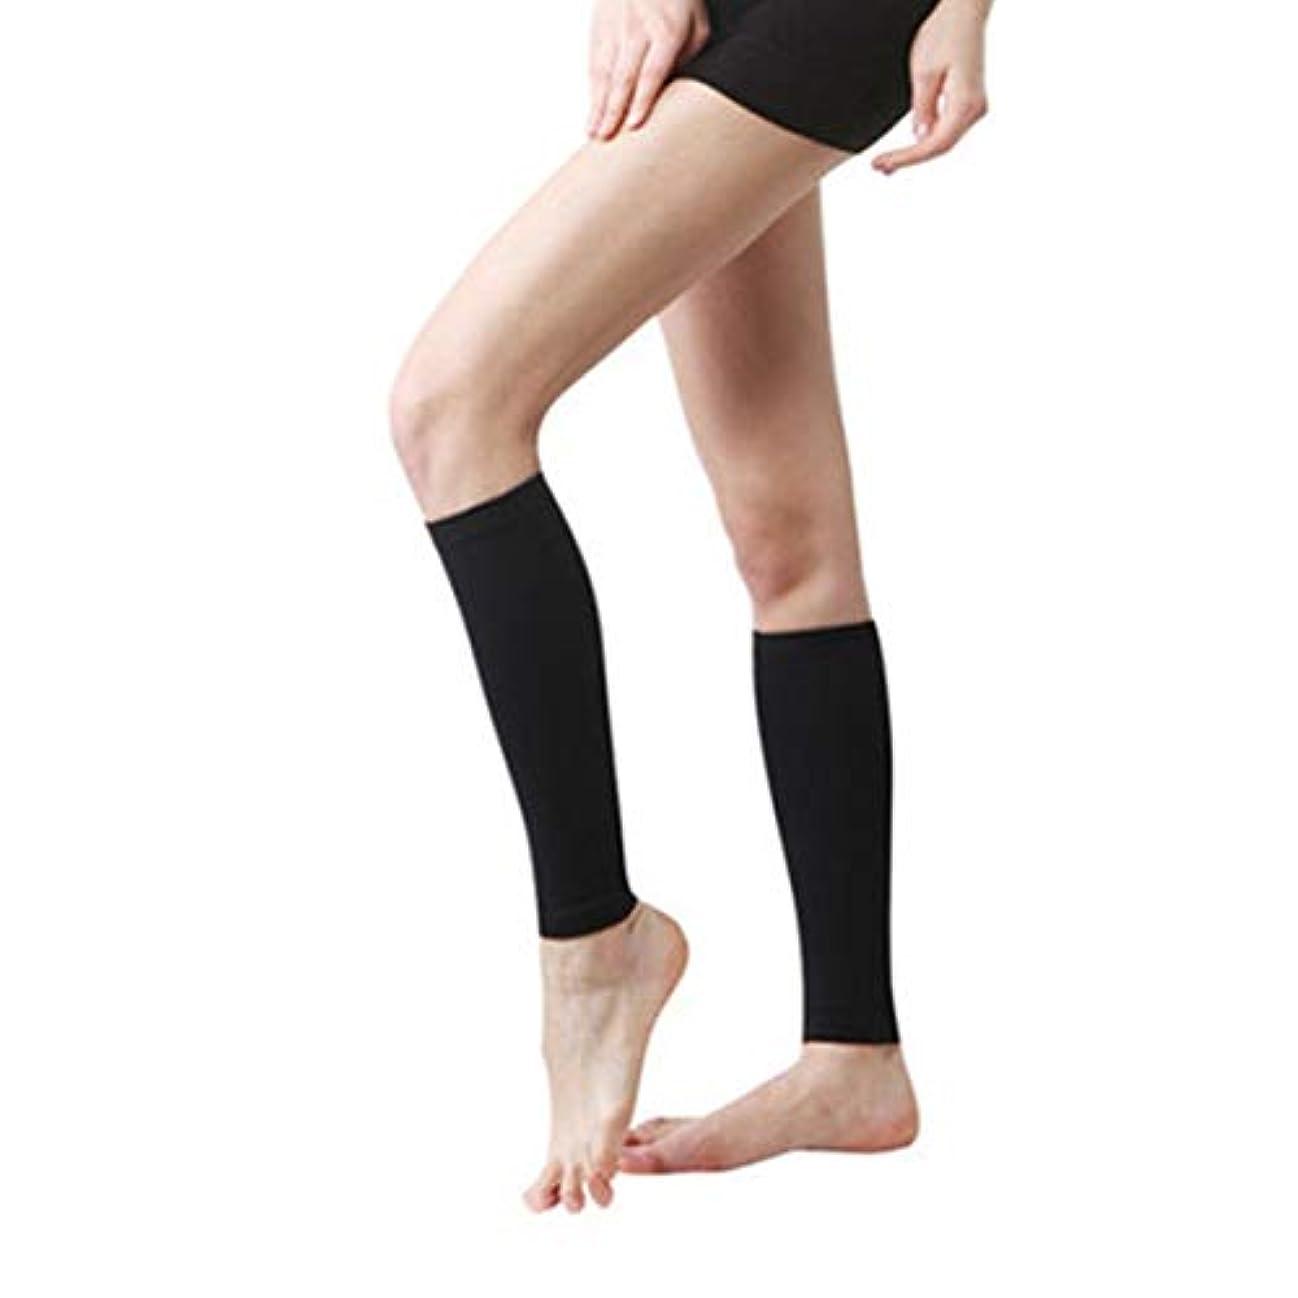 再発する抜本的な分散丈夫な男性女性プロの圧縮靴下通気性のある旅行活動看護師用シンススプリントフライトトラベル - ブラック